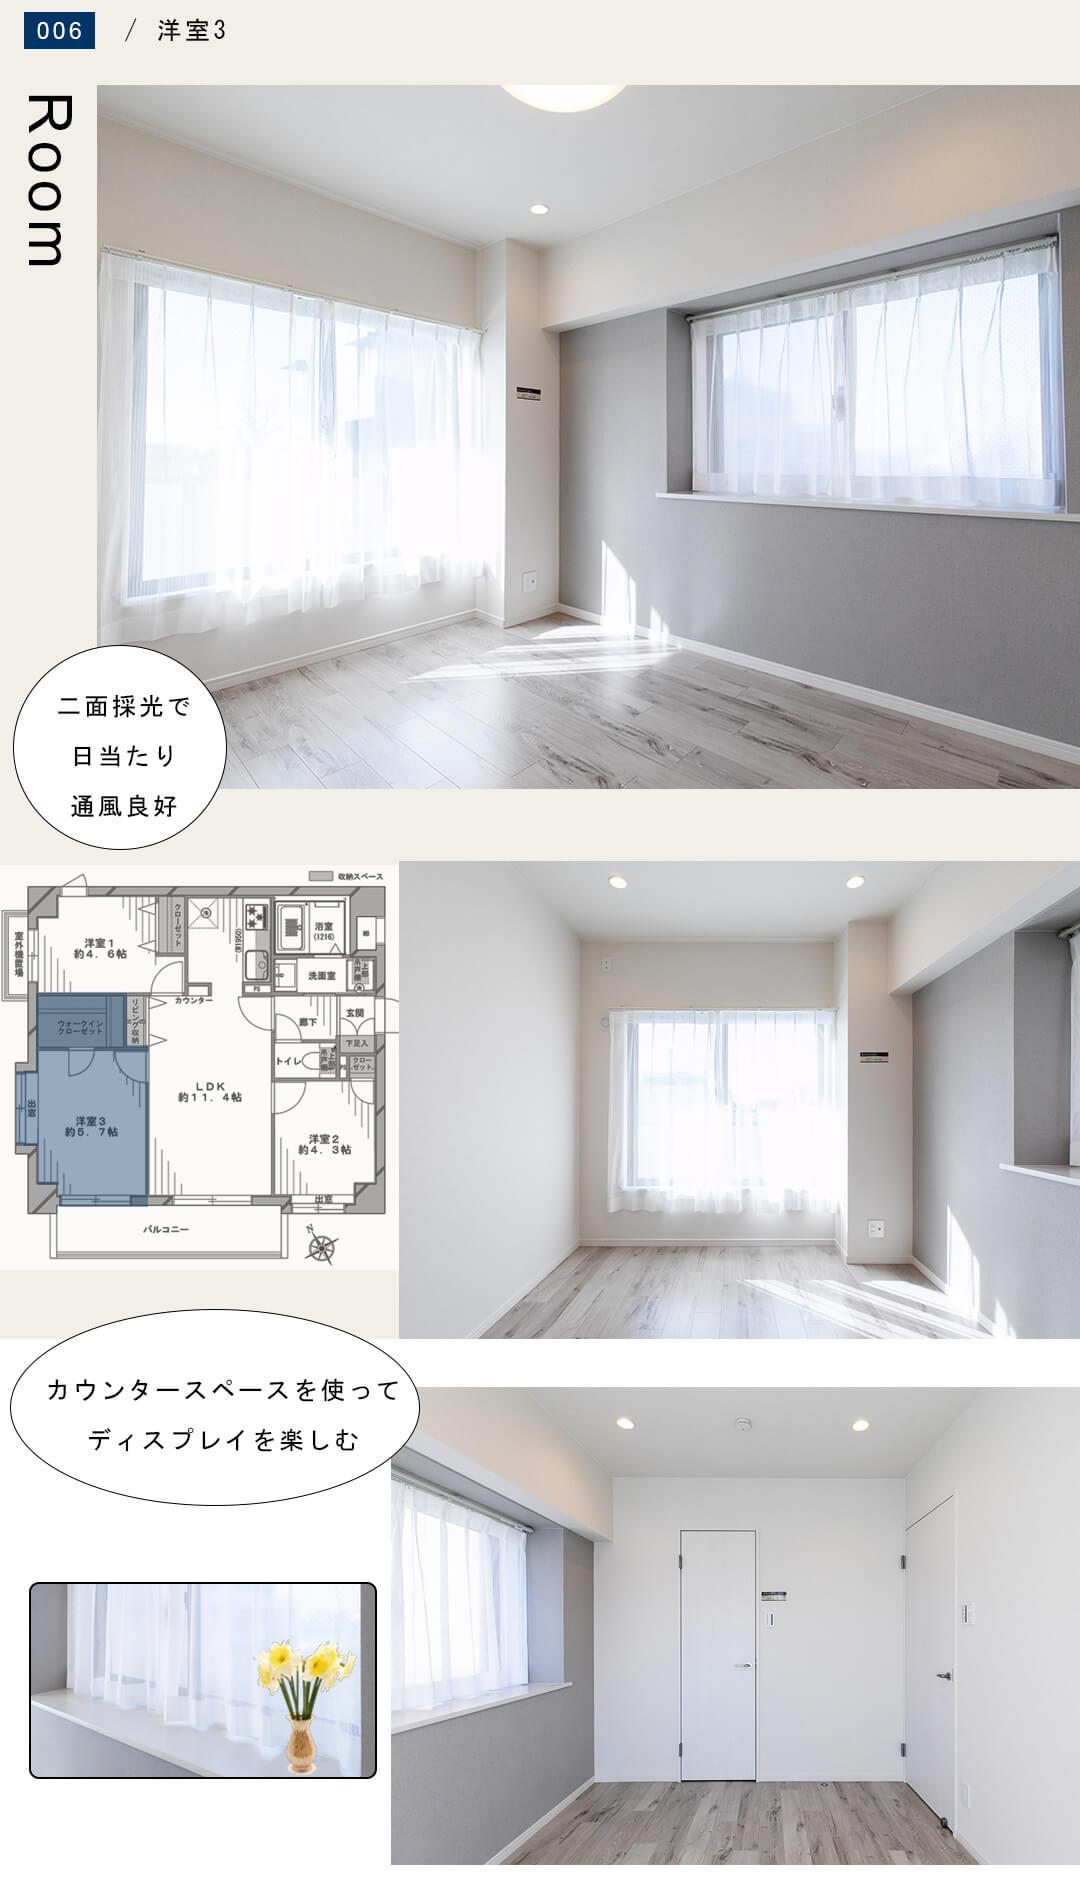 パルミナード尾山台壱番館 305の洋室3